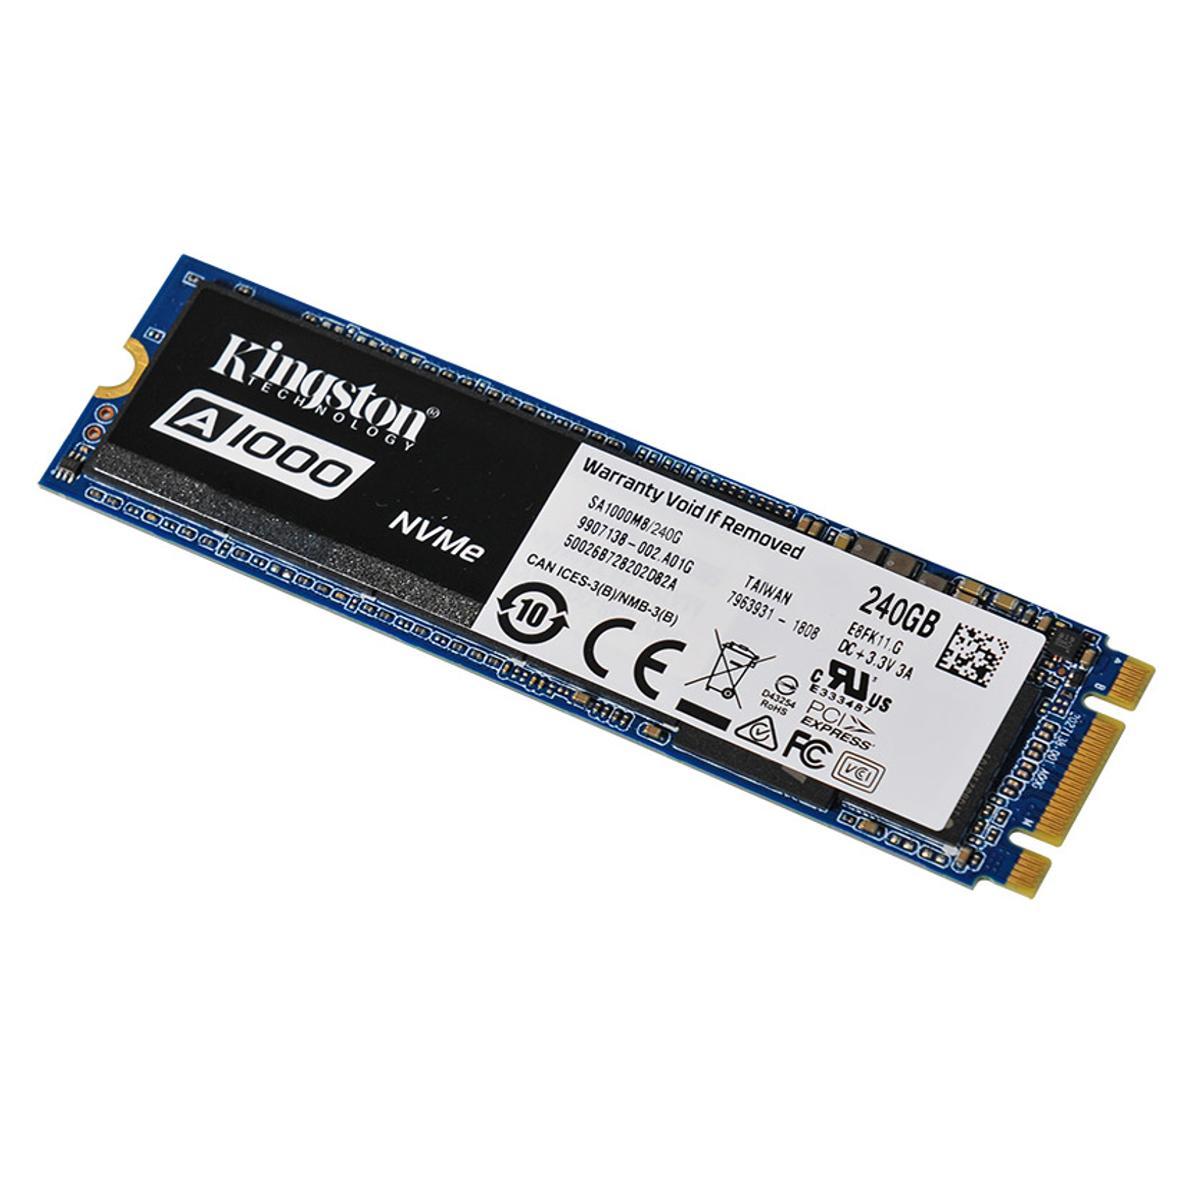 Disque dur SSD Kingston A1000 M.2 PCIe NVMe 240 Go , Futur Réunion informatique